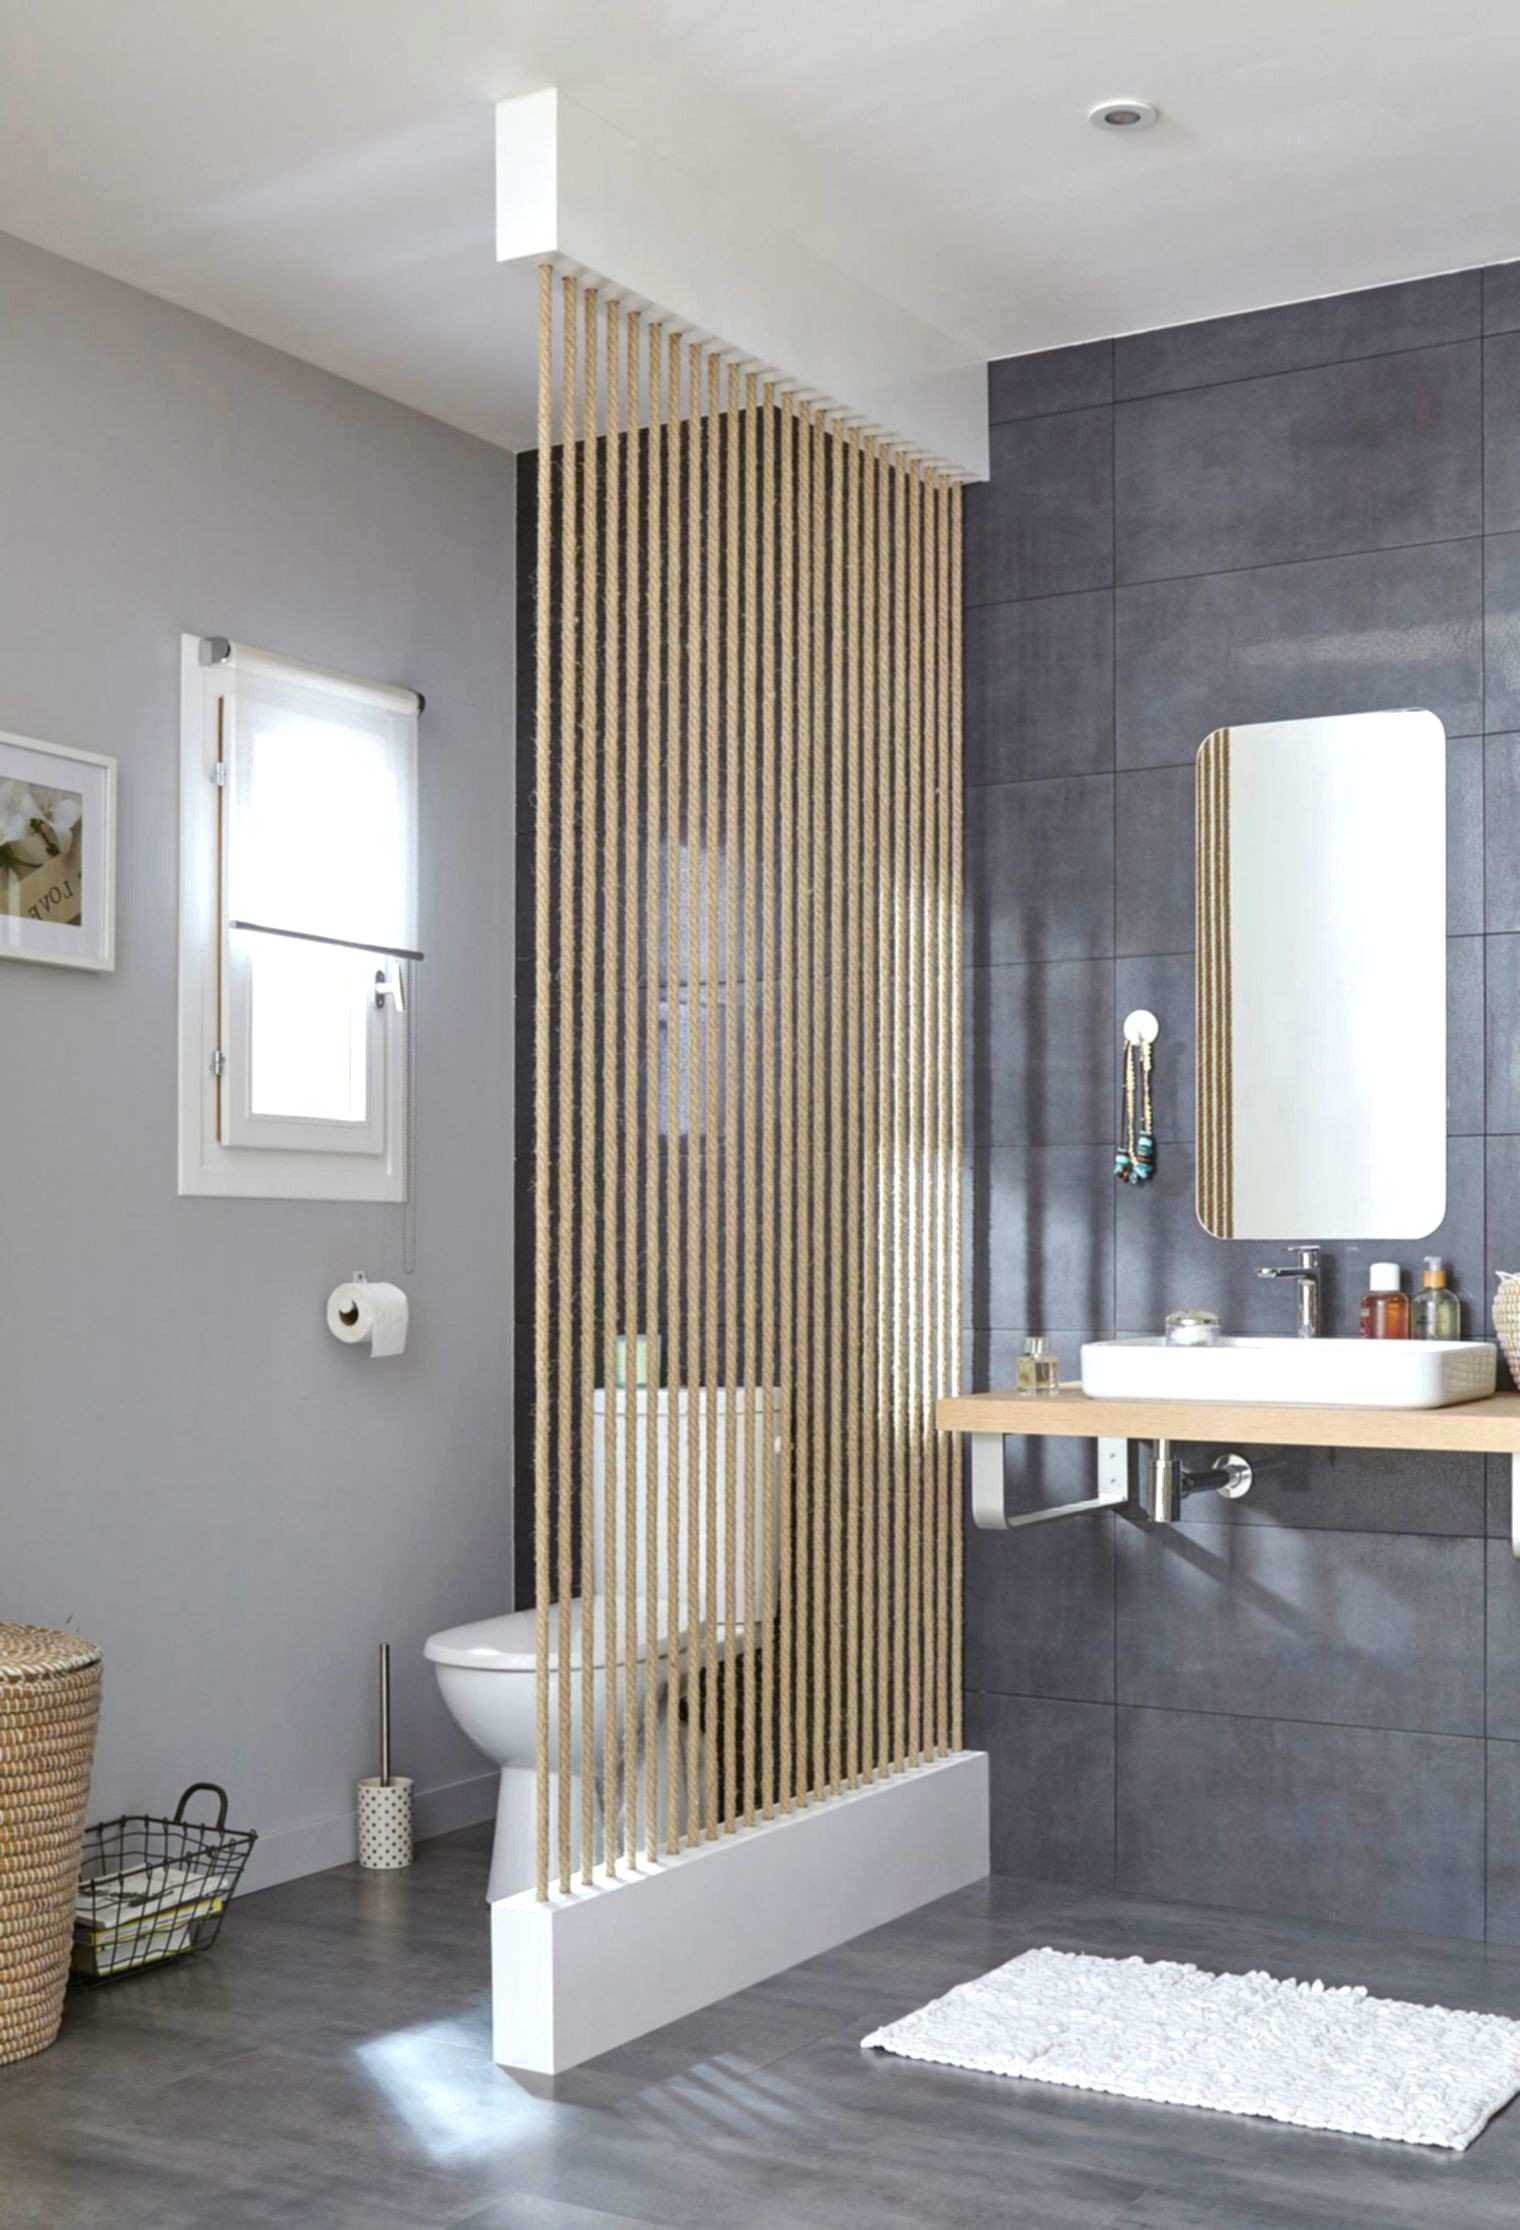 claustra decoration salle de bain cloison toilette